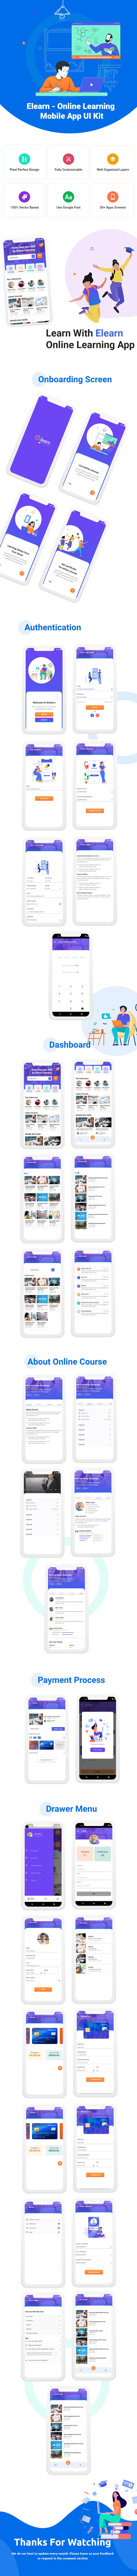 Elearn - Online Learning Platform App UI Kit in Flutter - 2